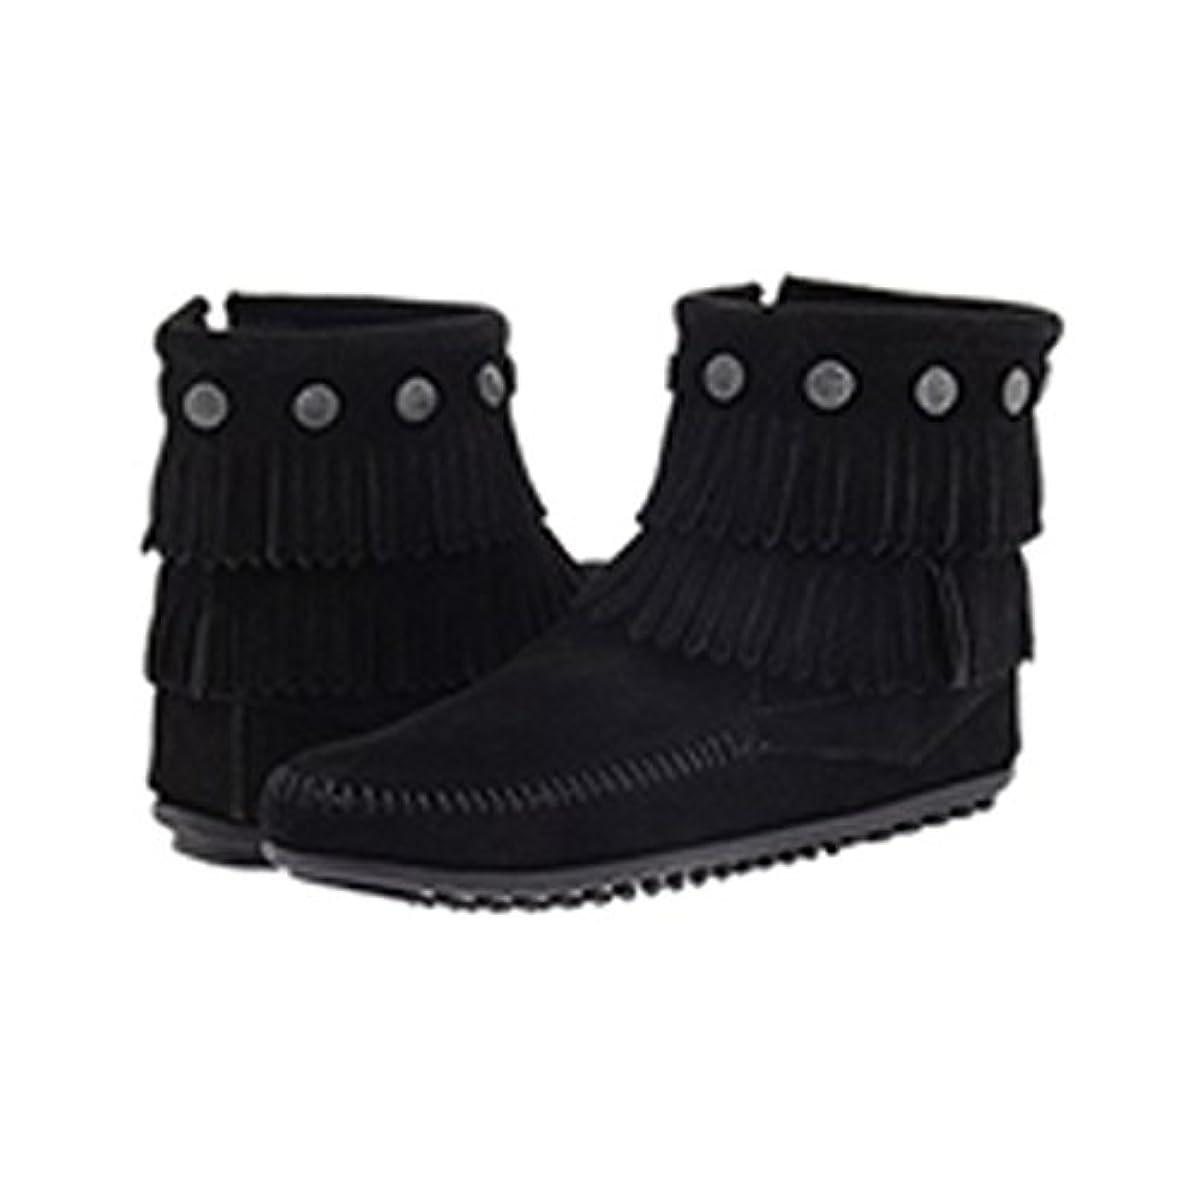 聴覚まろやかな幾分【MINNETONKA ミネトンカ】ウィメンズ ダブルフリンジ サイドジップ ブーツ Double Fringe Side Zip Boot|Women's 並行輸入品